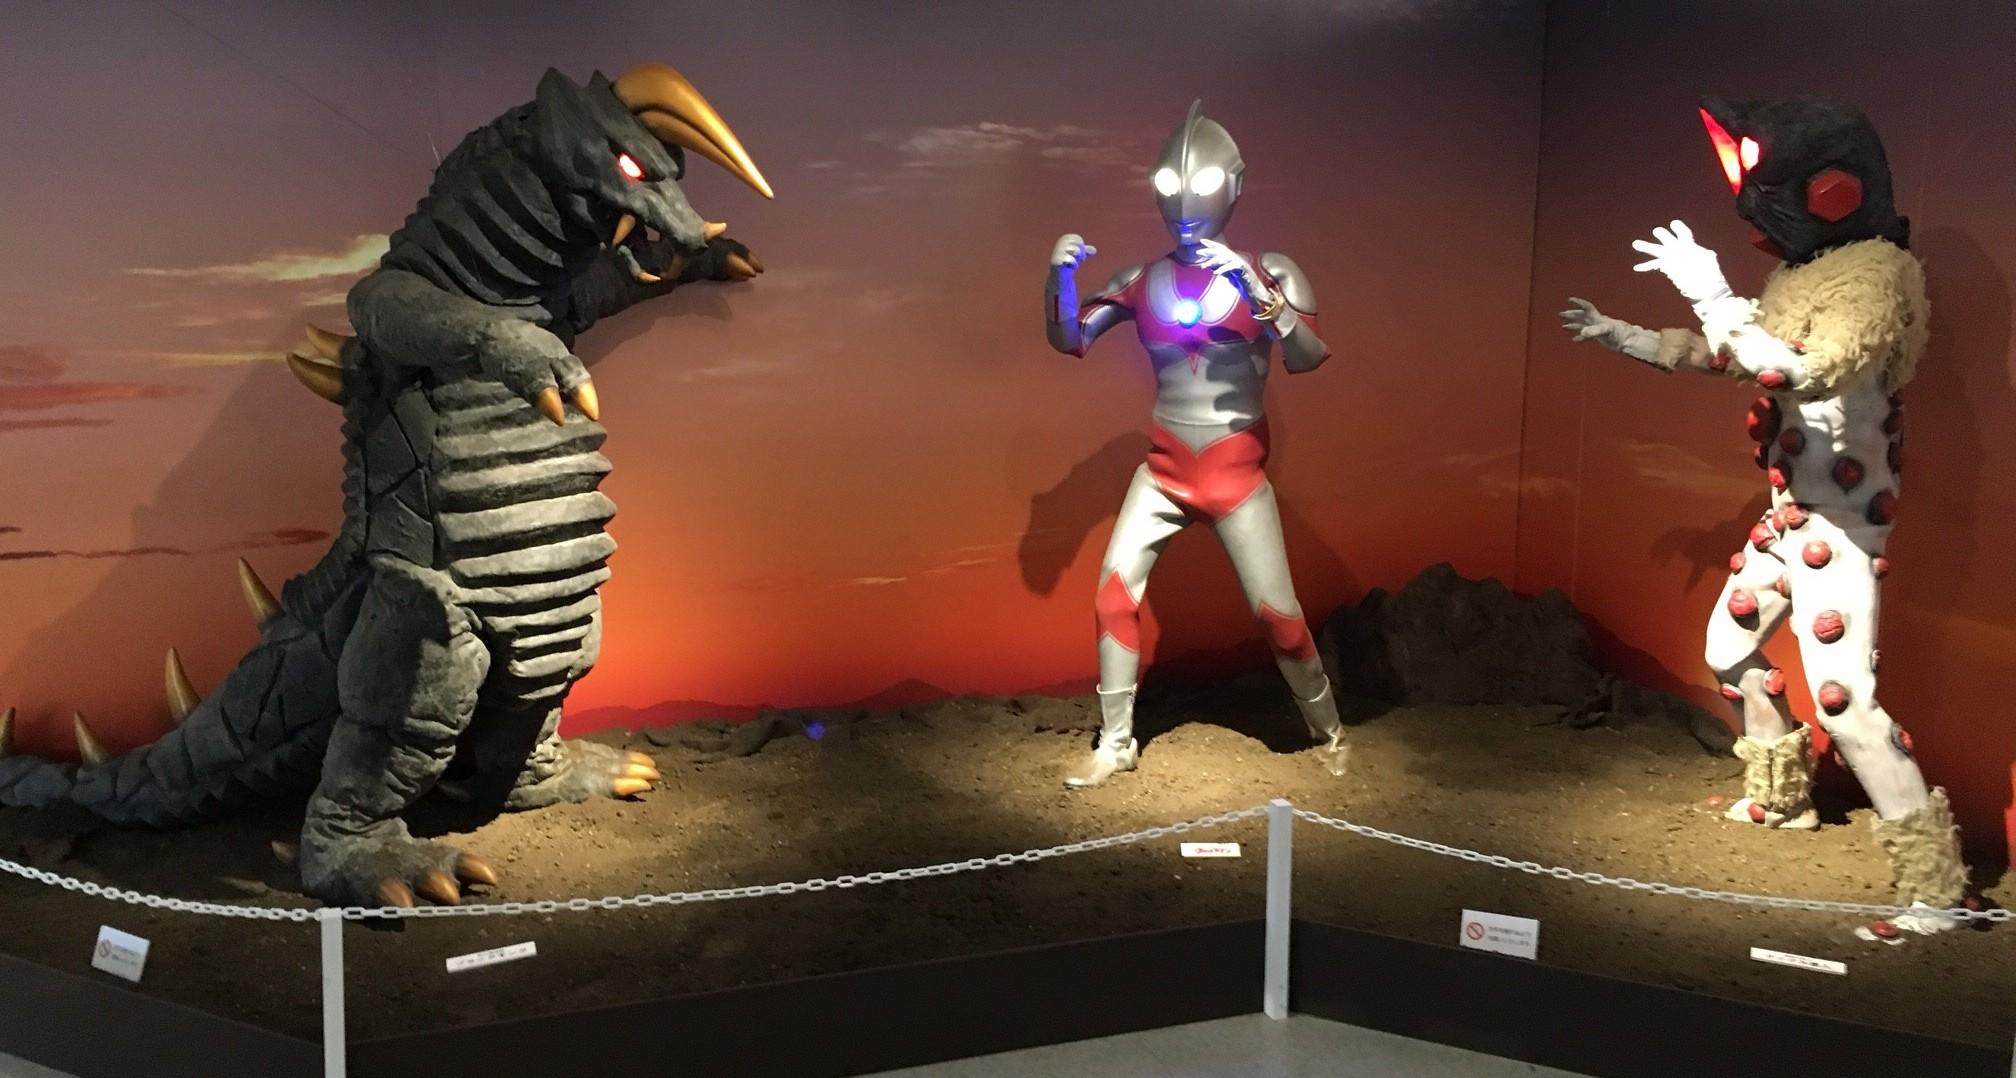 ウルトラマンがナックル星人とブラックキングにボコボコにされる夕日のシーンを再現した展示